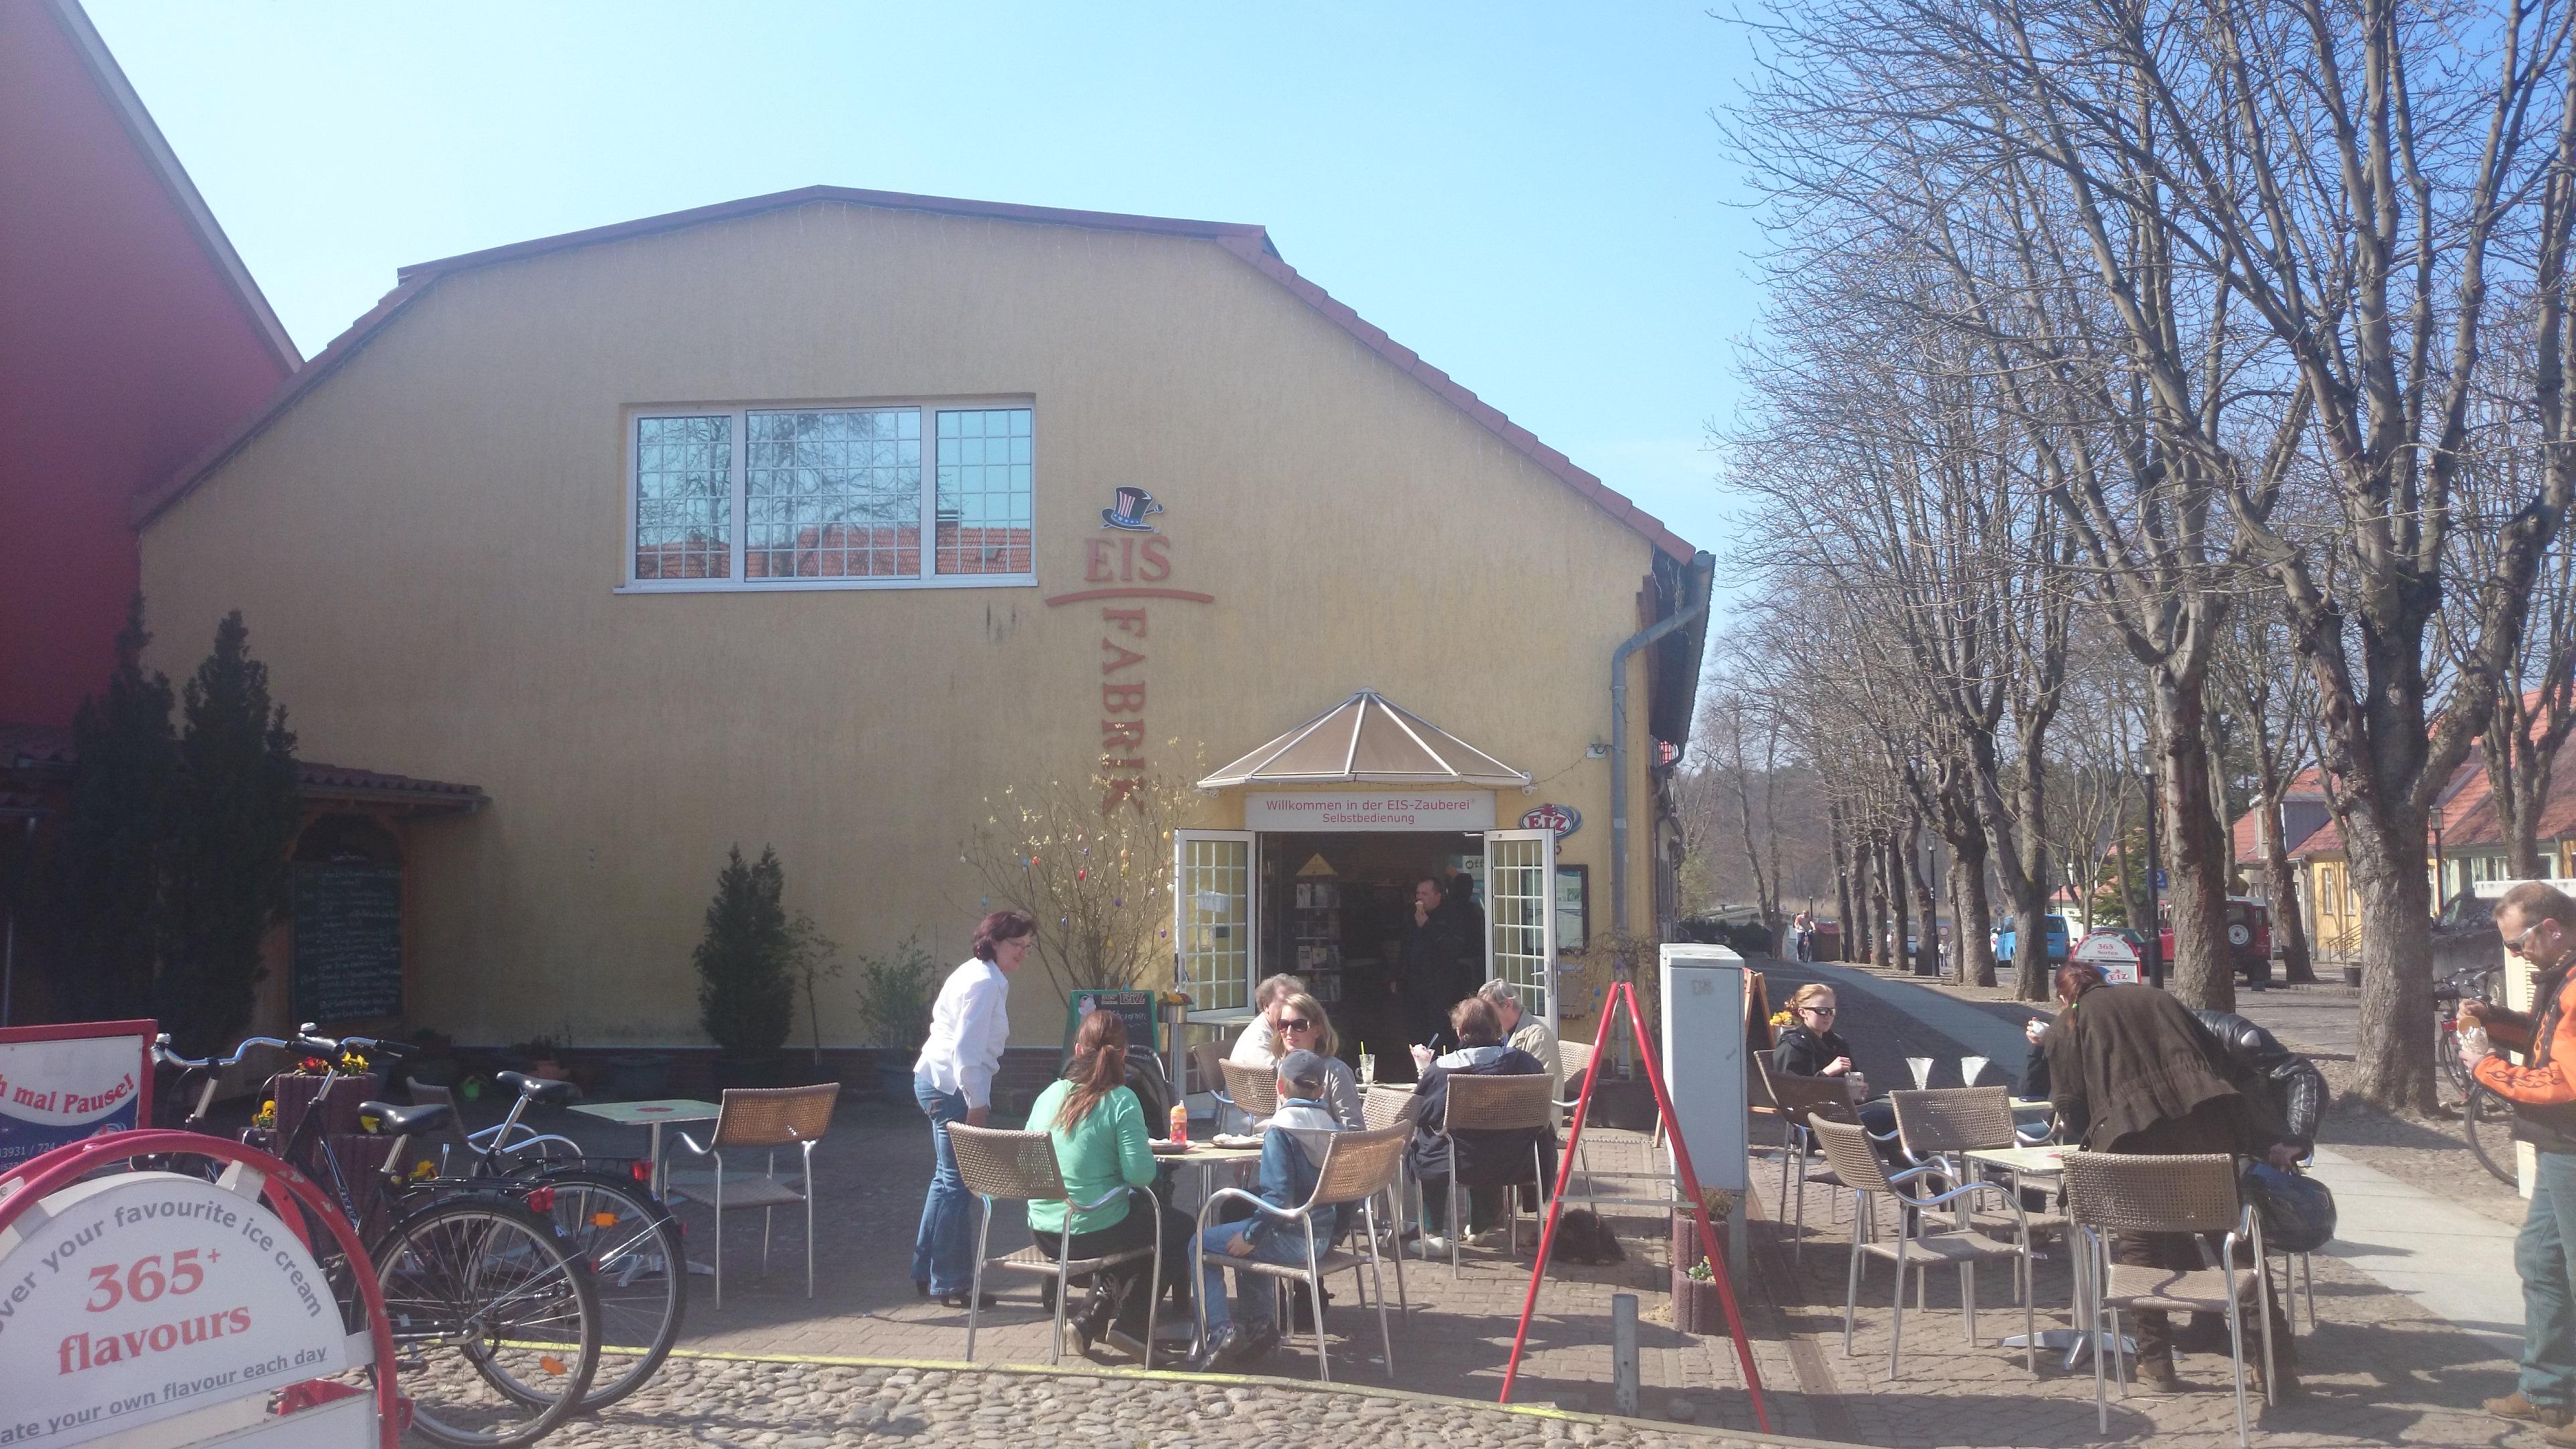 Eisdiele in Rheinsberg